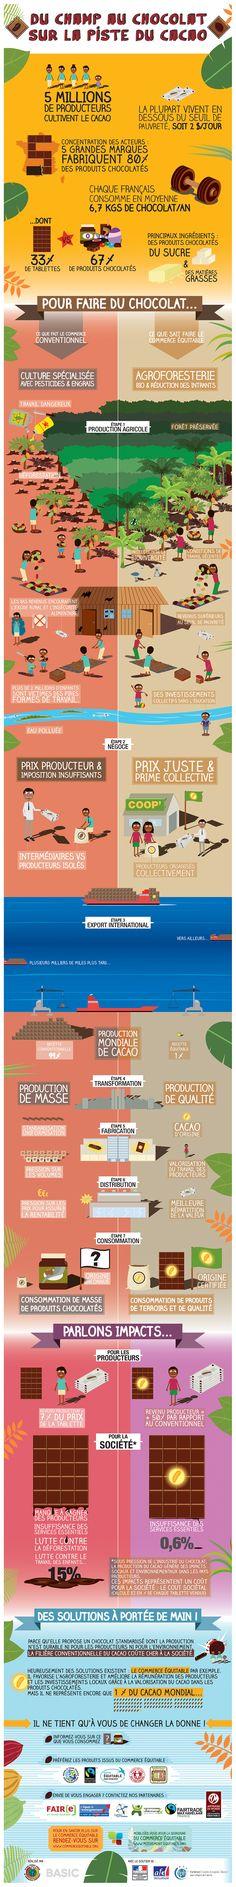 Infographie : le coût caché du cacao | Ethiquable